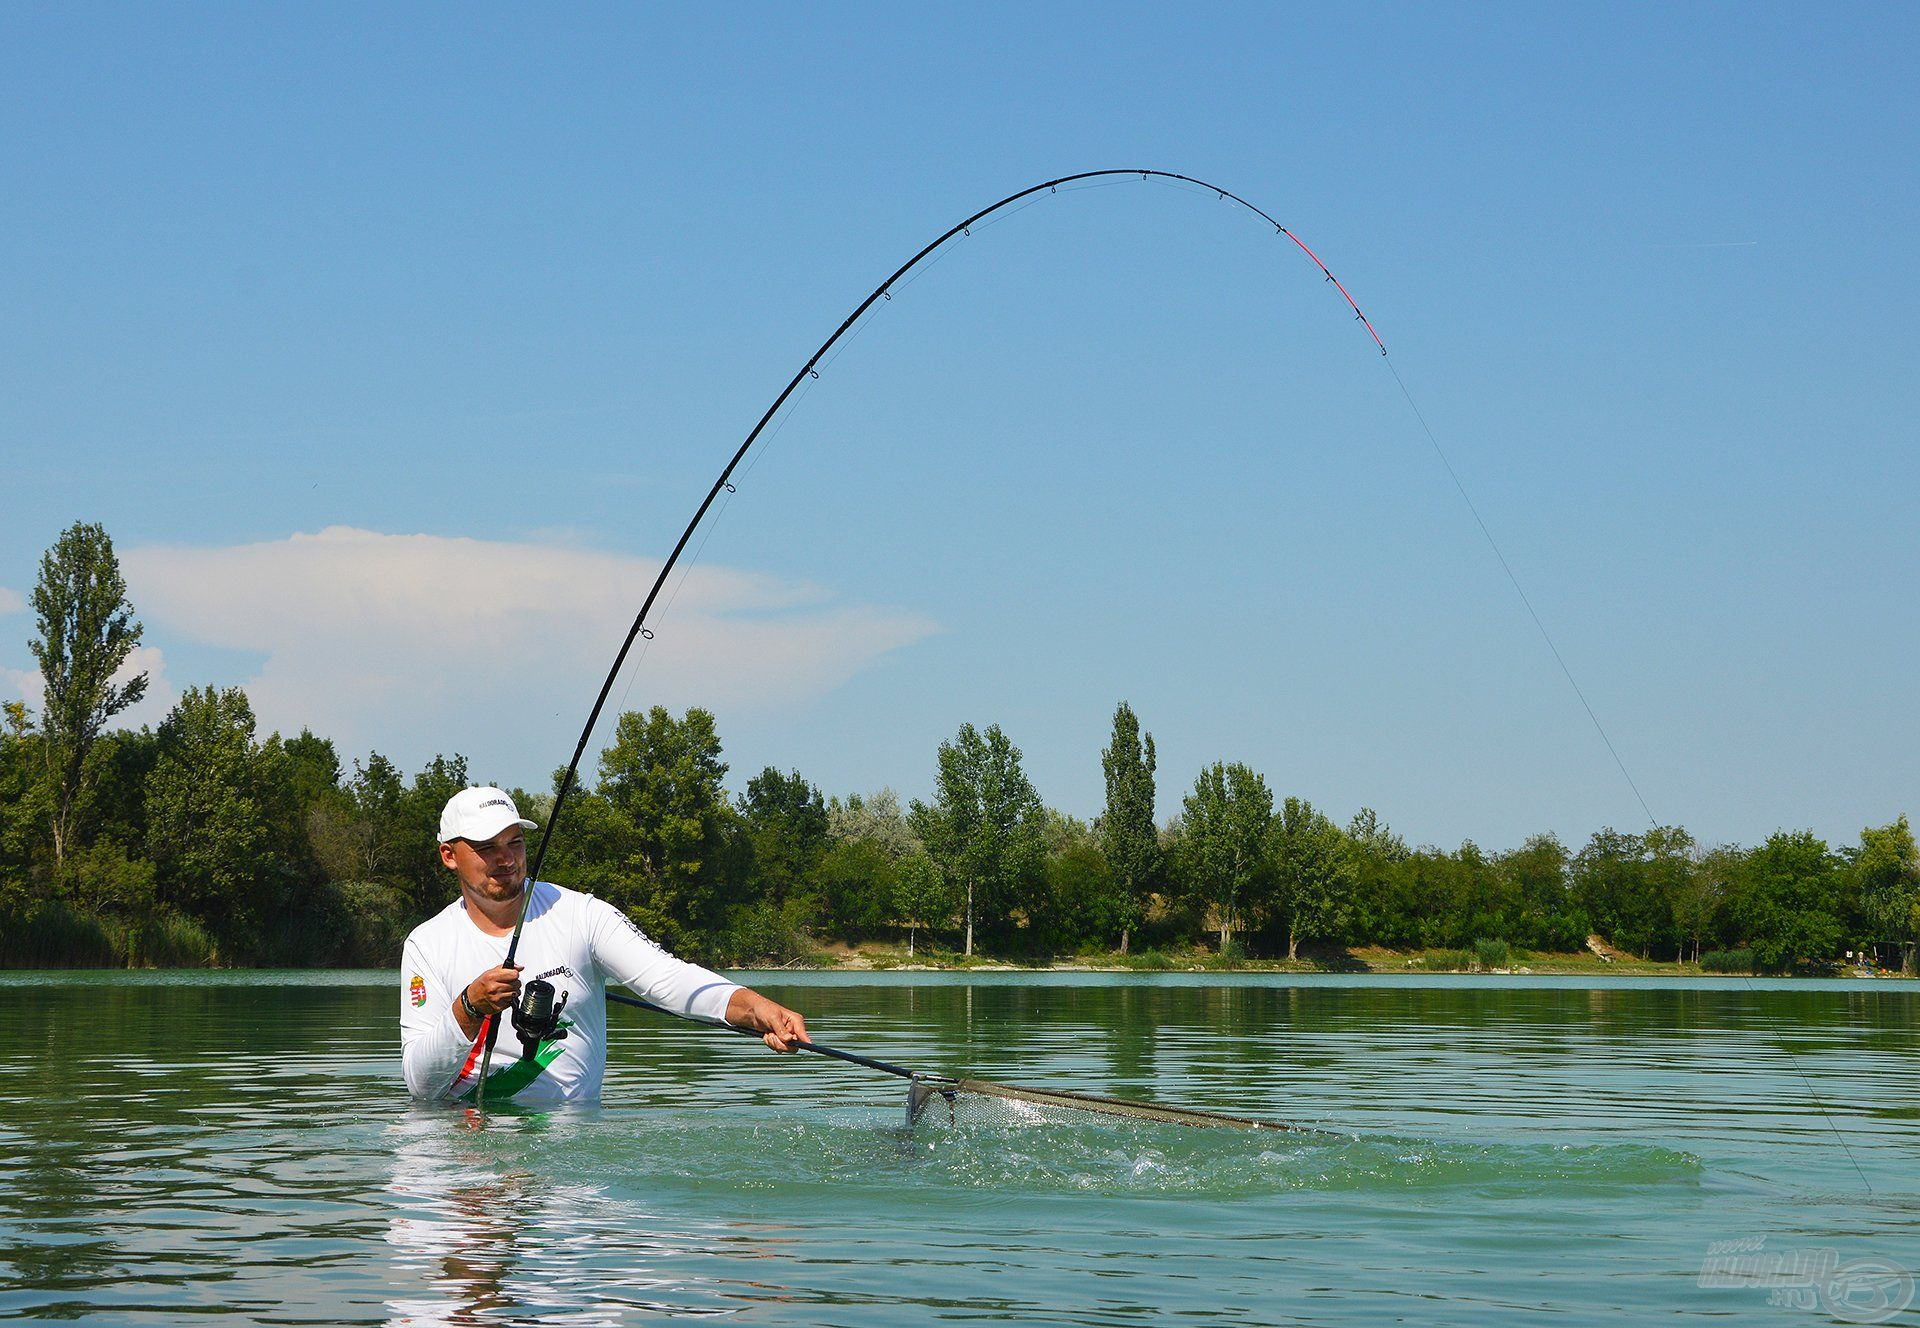 Sokatmondó pillanat… Kínálatunk legerősebb, legnagyobb terhelhetőségű feederbotja a Big River 390RXH, mégsem egy durung, karó bot! Persze ne menjünk el amellett sem, hogy ezek a bányatavi halak egytől egyig hihetetlen erővel és kitartással küzdöttek a horgon, sokszor közvetlenül a merítő elől törtek vissza a mélybe!